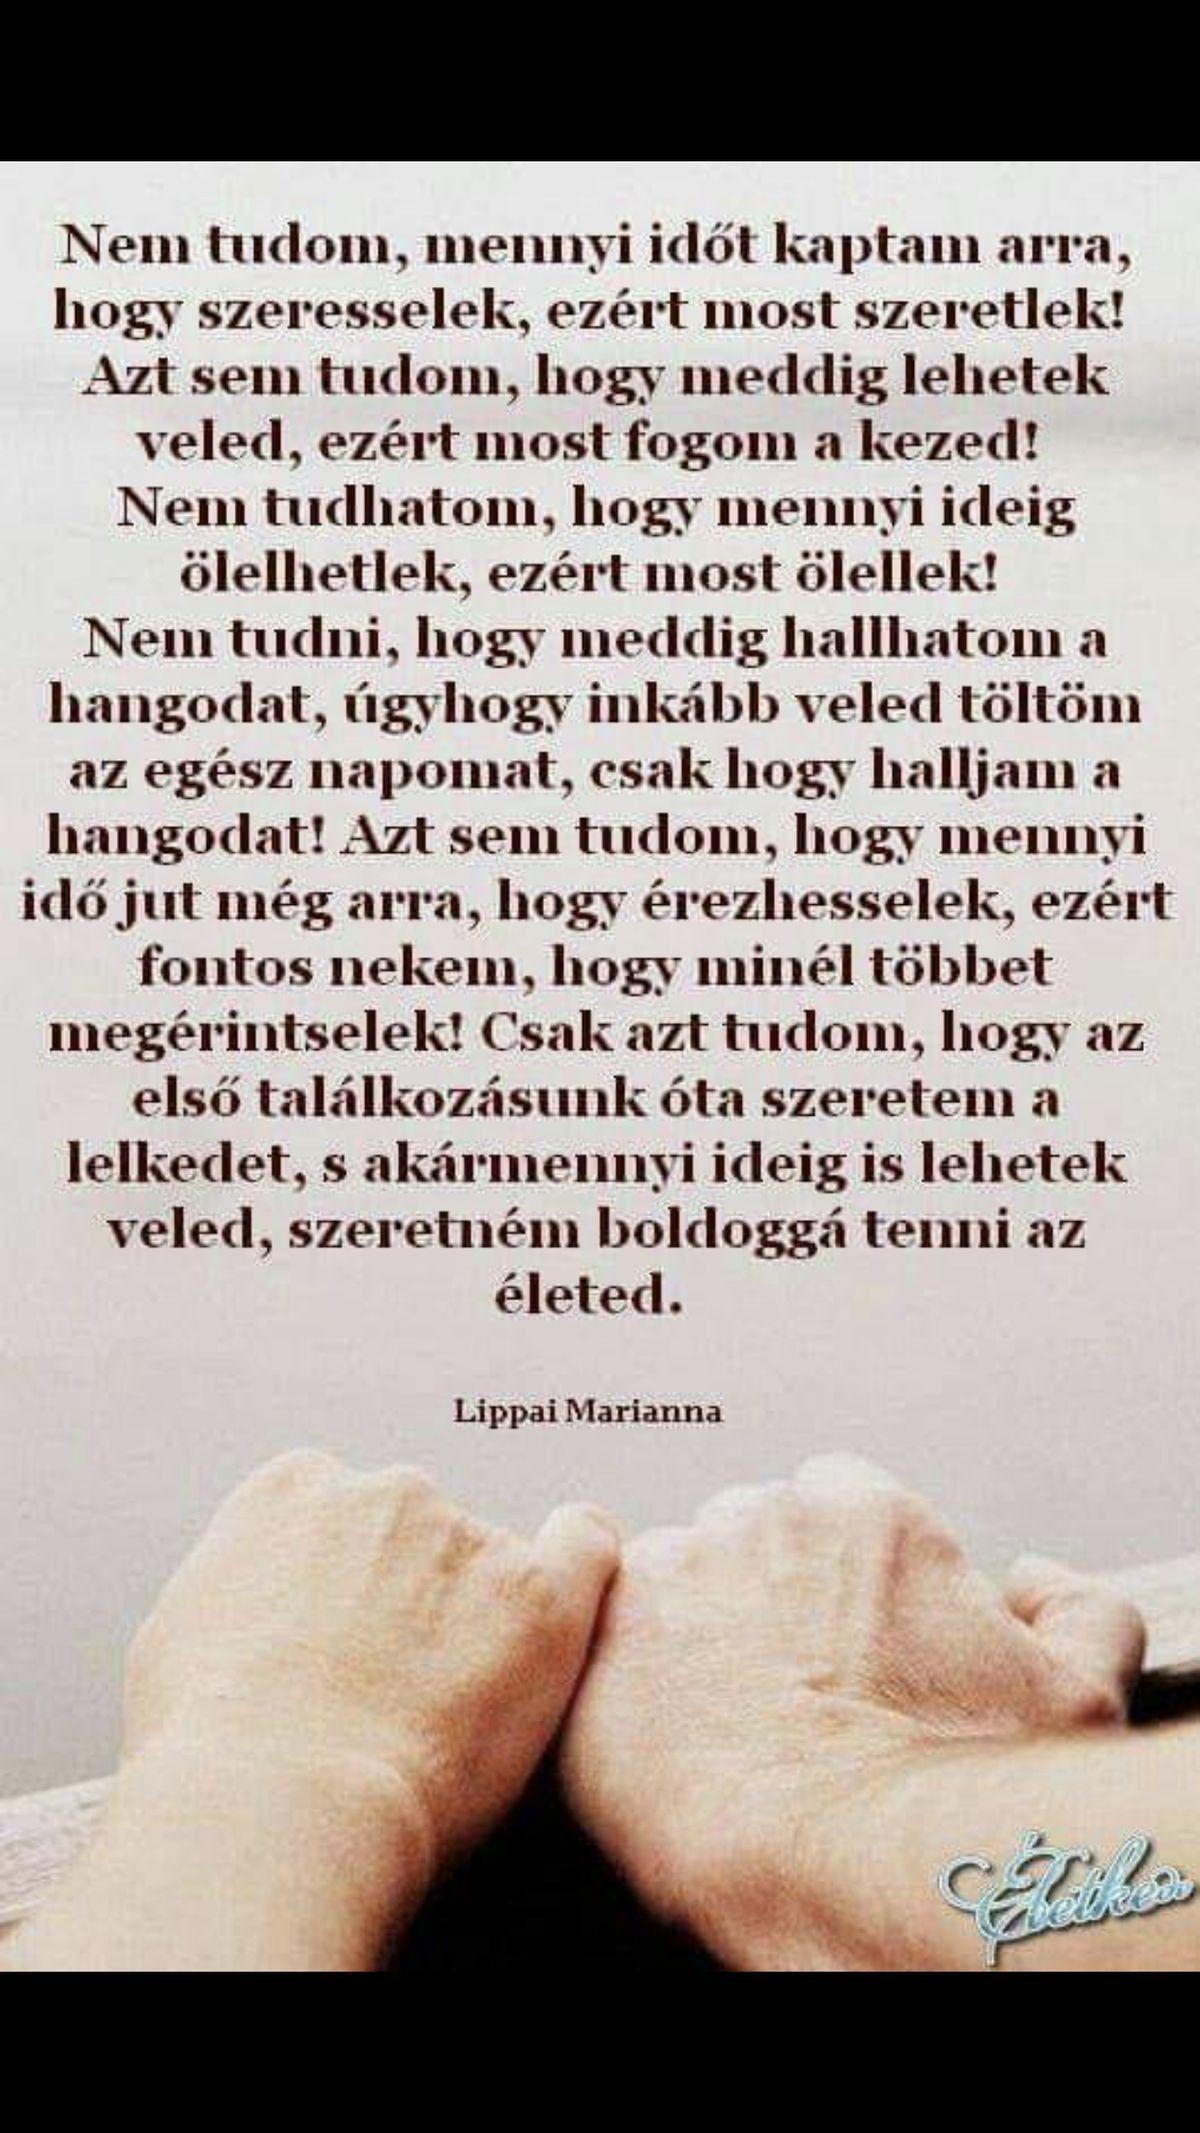 évfordulós szerelmes idézetek Pin by Klemi on Szerelem in 2020 | Hungarian quotes, Inspirational